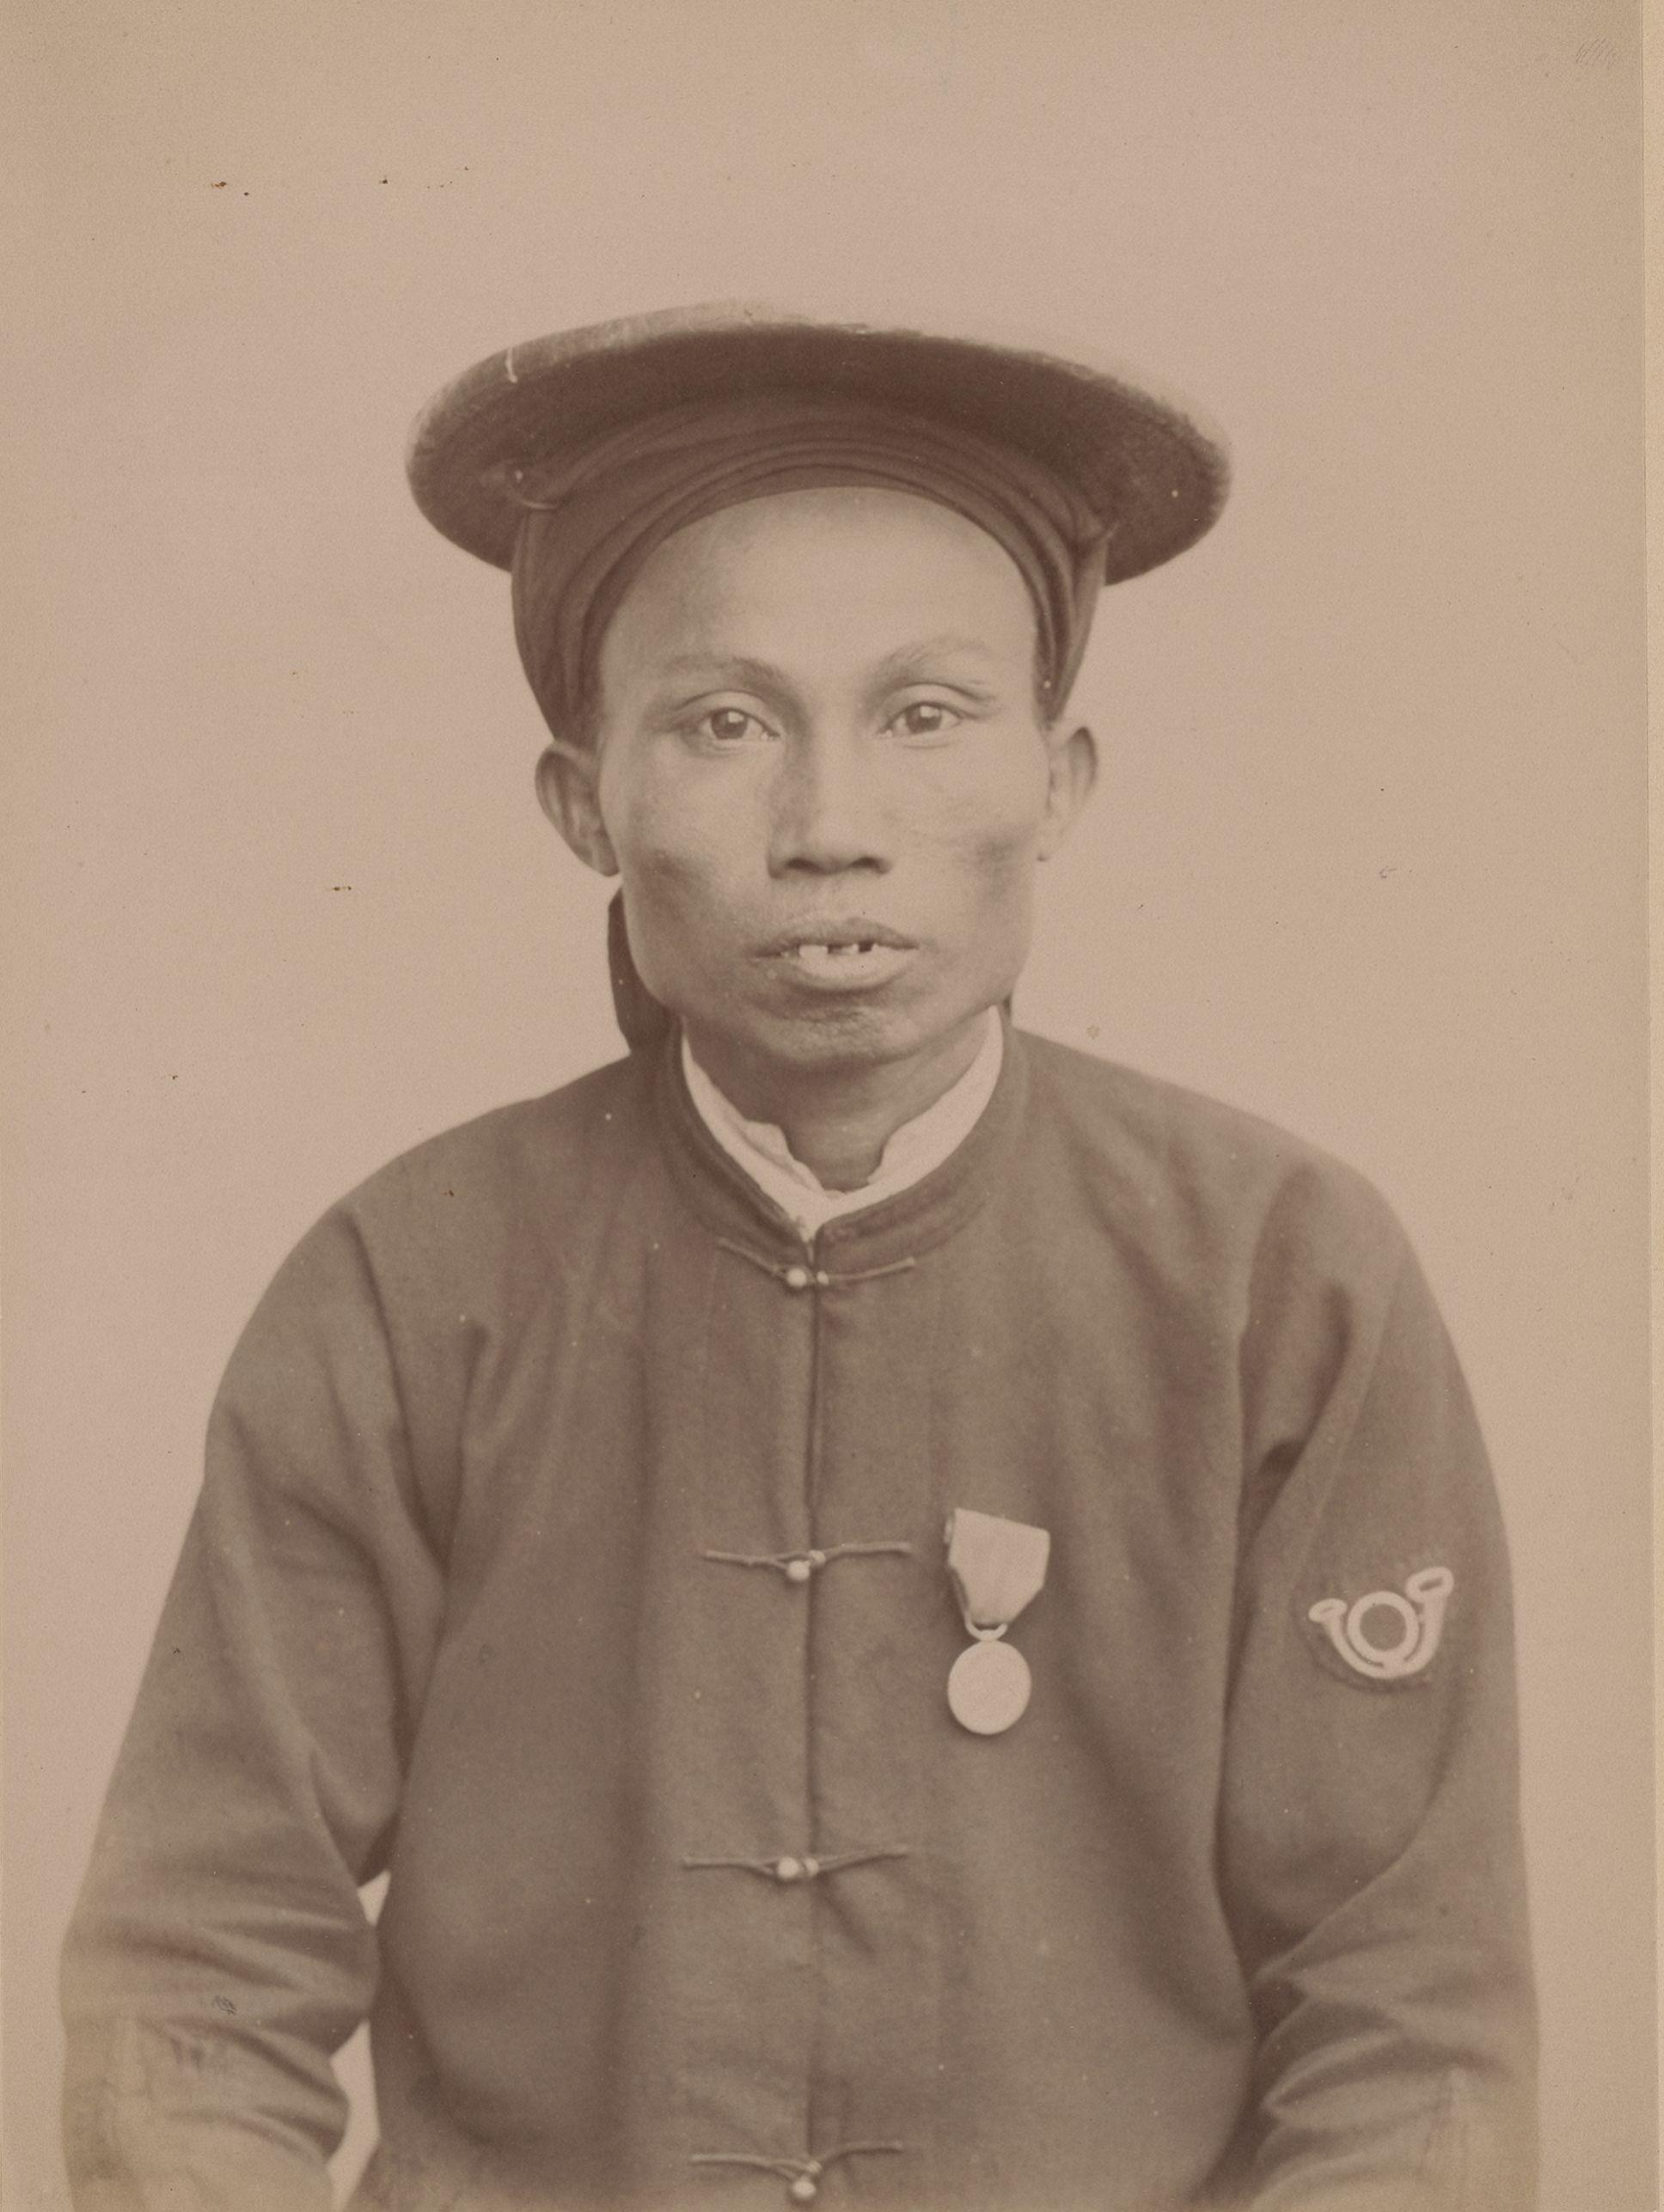 Лю, 31 год, Сайгон (анфас)